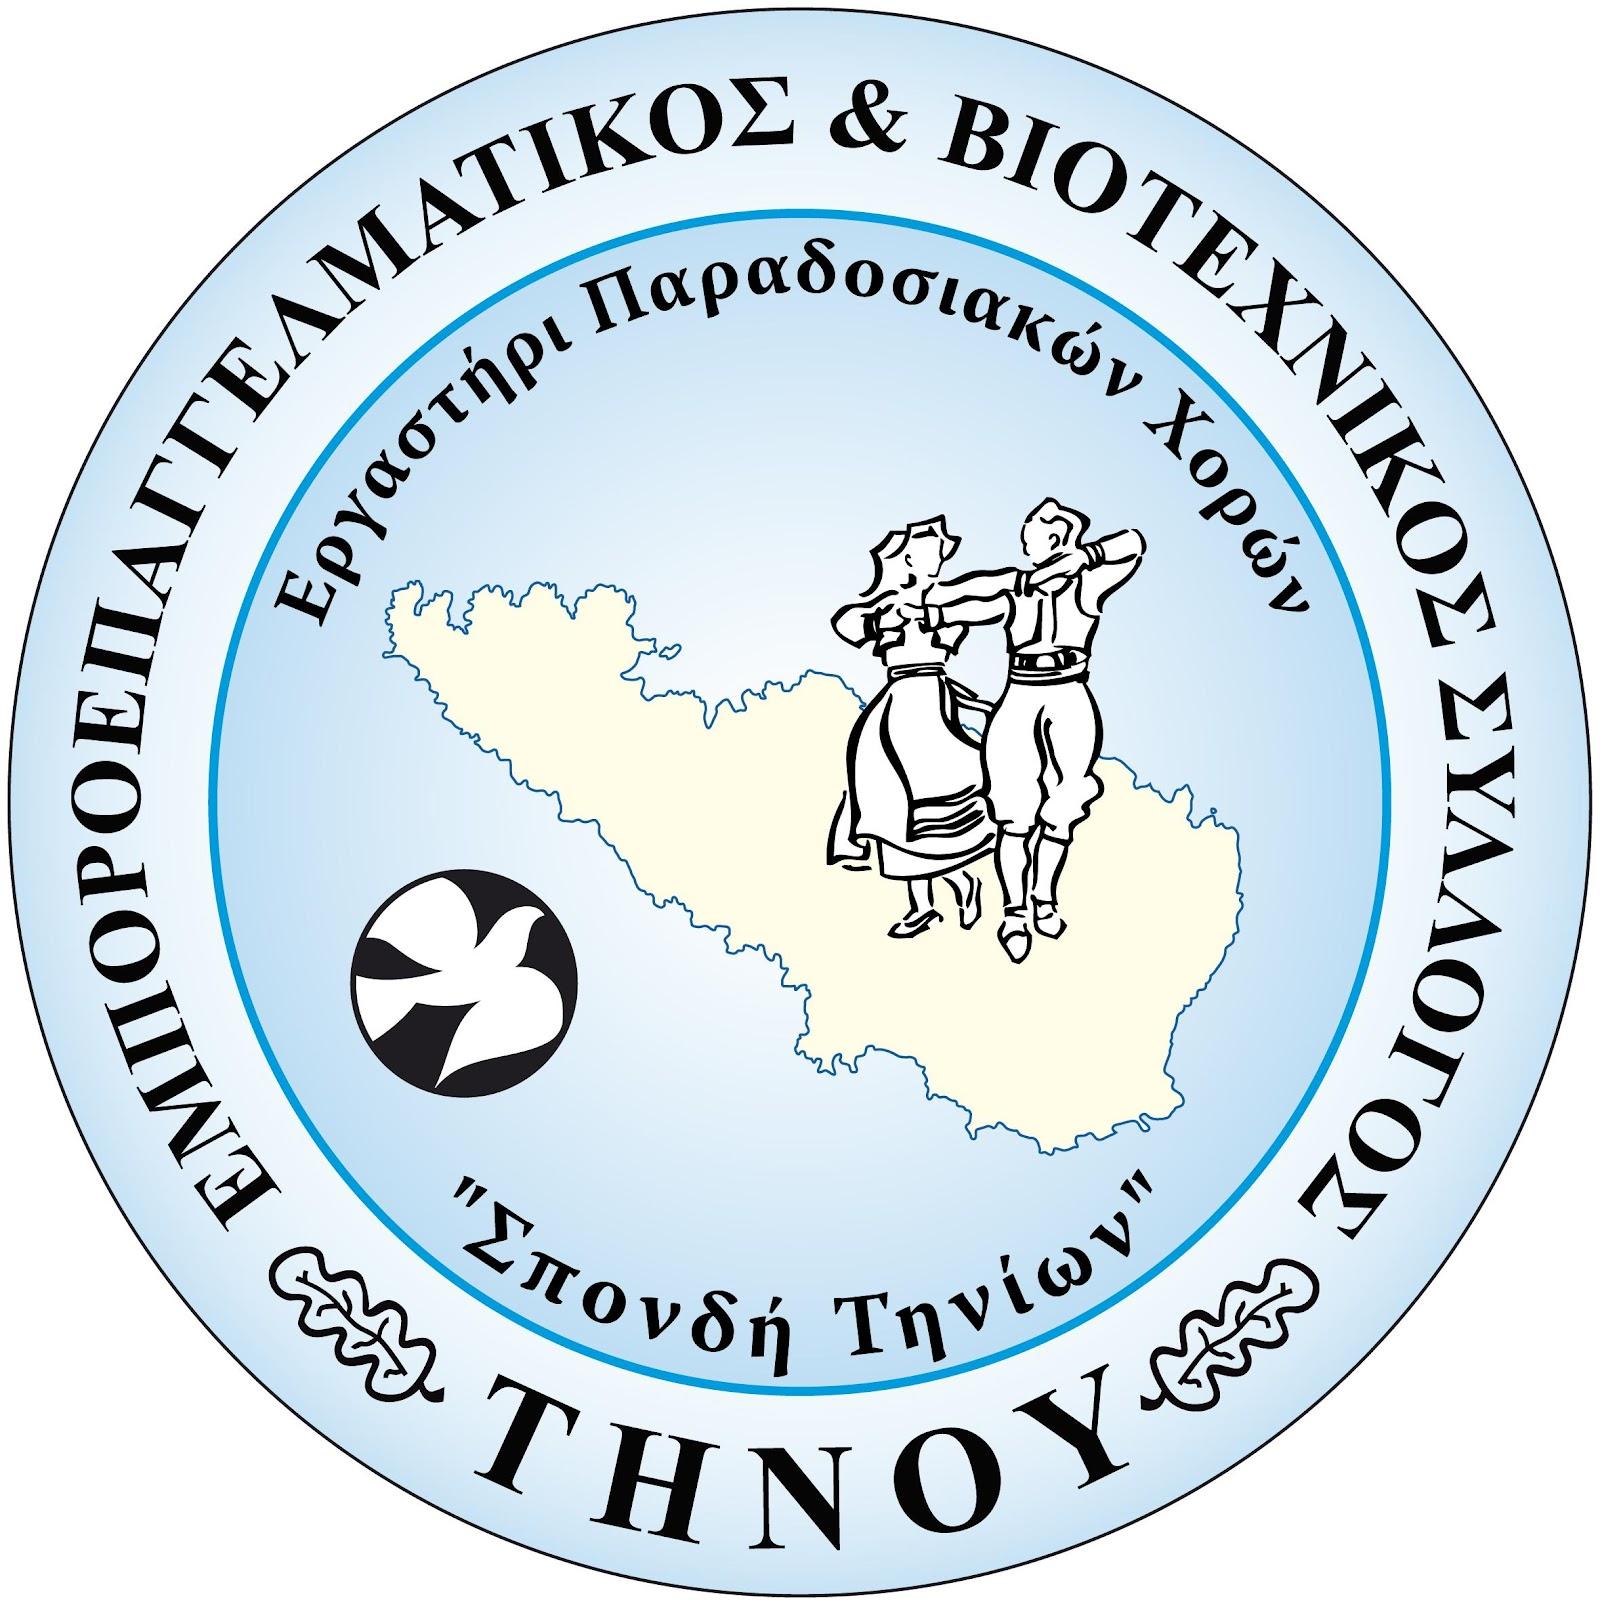 C:\Users\User\Documents\Λουκία\Εμπορικός Σύλλογος Τήνου\6}  Λογότυπα Εμπορικού Συλλόγου Τήνου\emorikos_ spondi tinion_logo ok (5).jpg